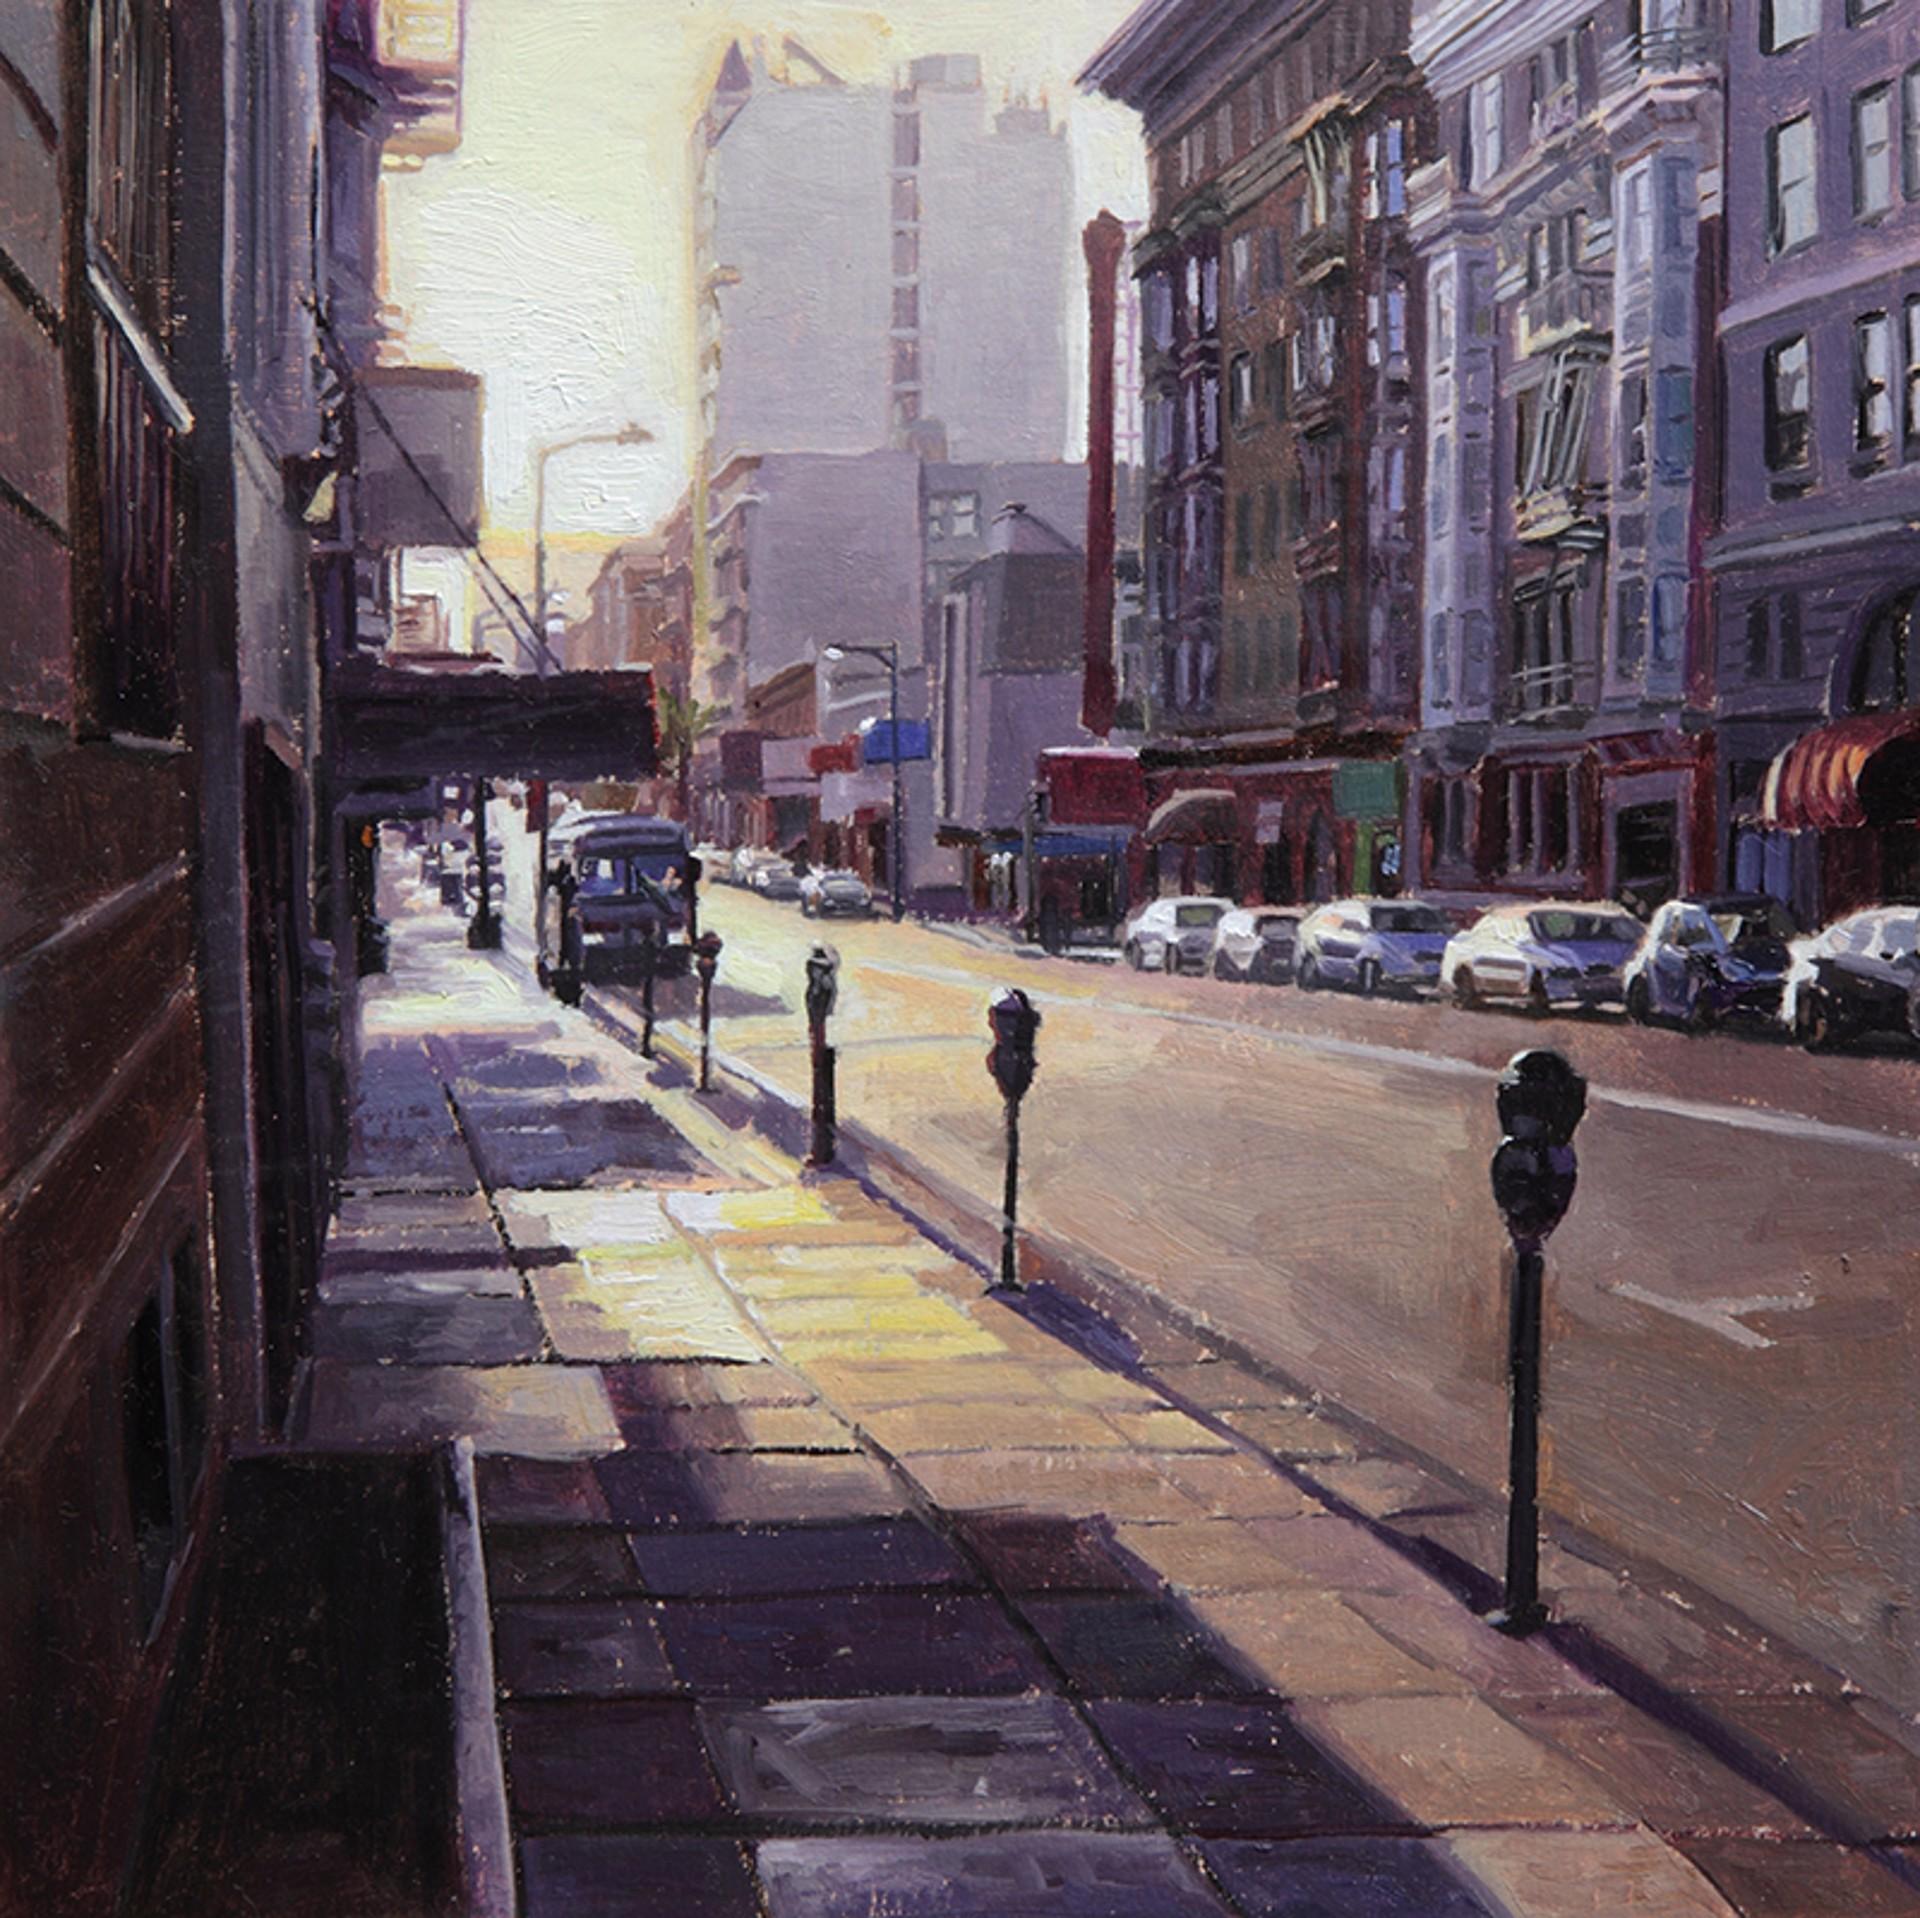 Sunrise on Geary Street by Greg Gandy